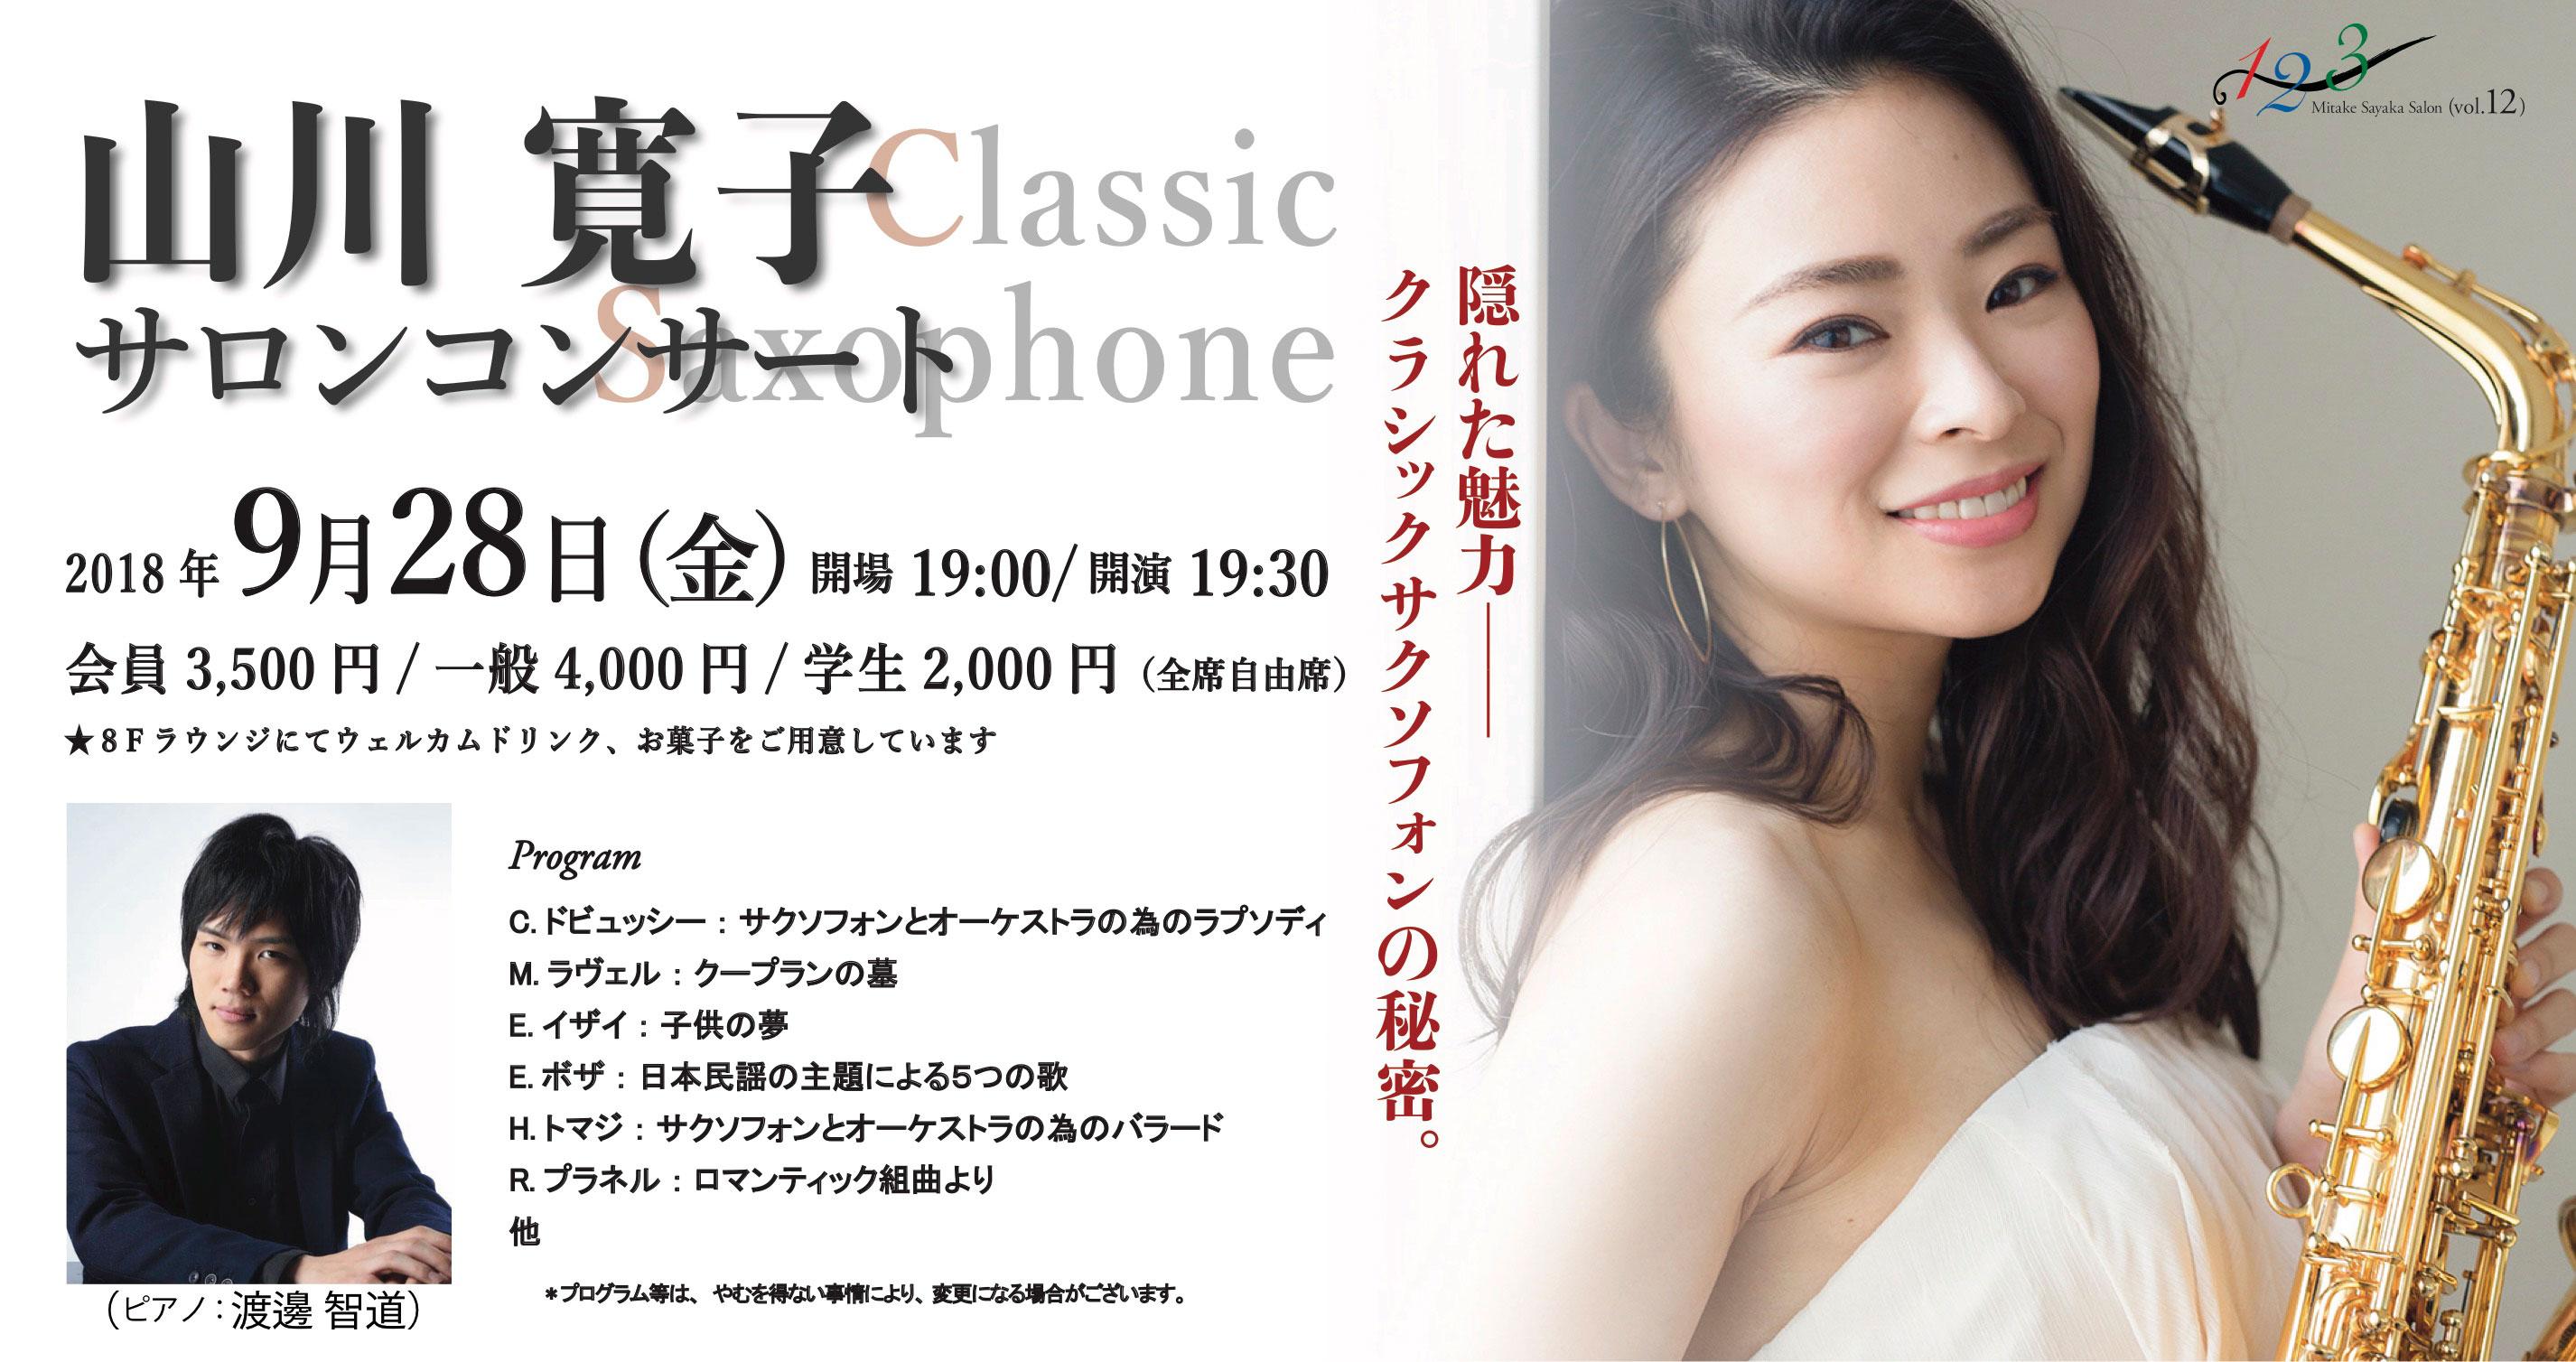 9月28日19:30~ 山川寛子サロンコンサート(ピアノ 渡邊智道)